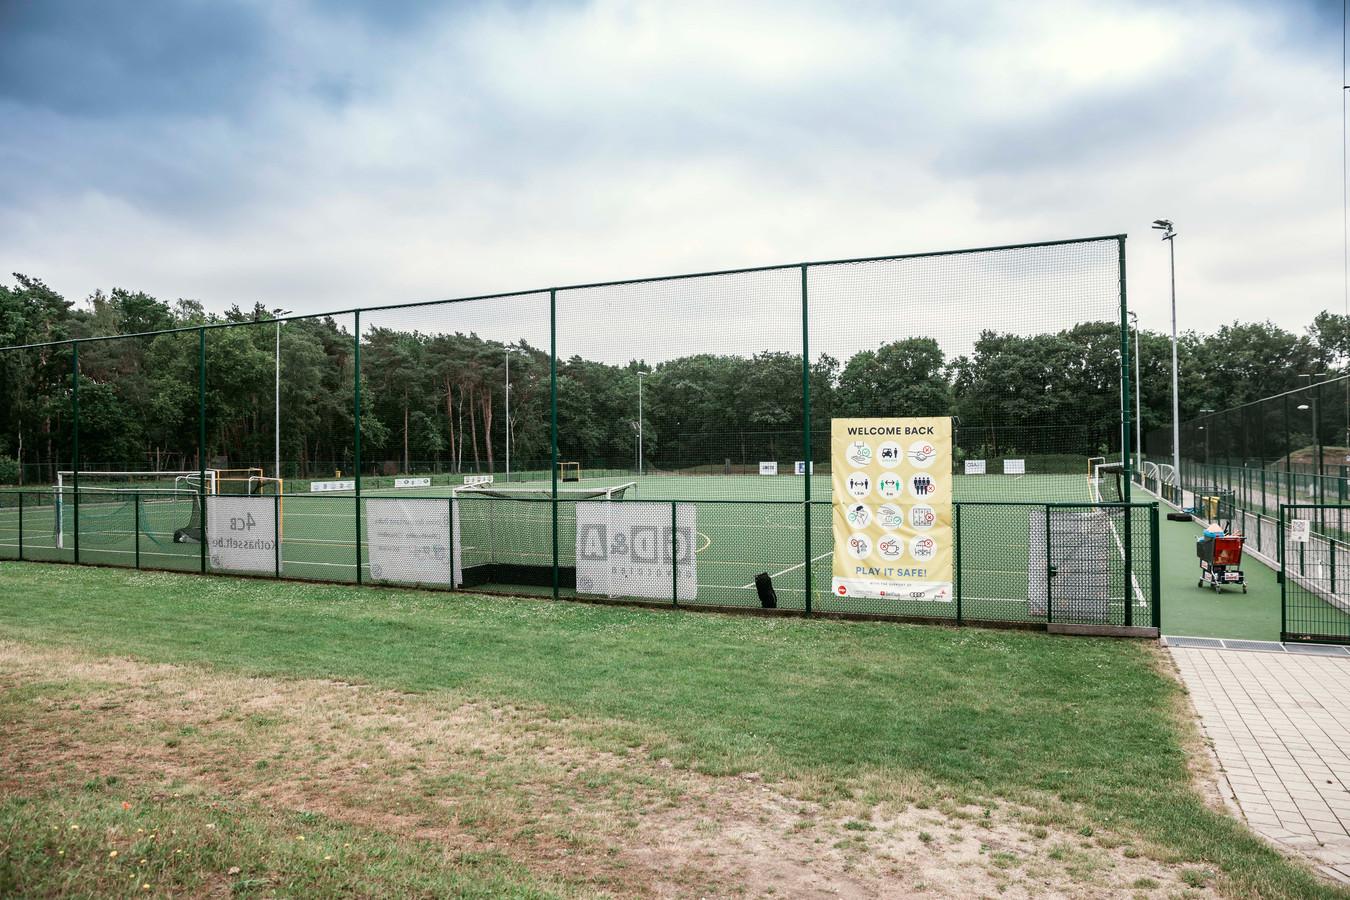 Een archiefbeeld van de sportsite in Kiewit, waar ook een atletiekpiste is gelegen.